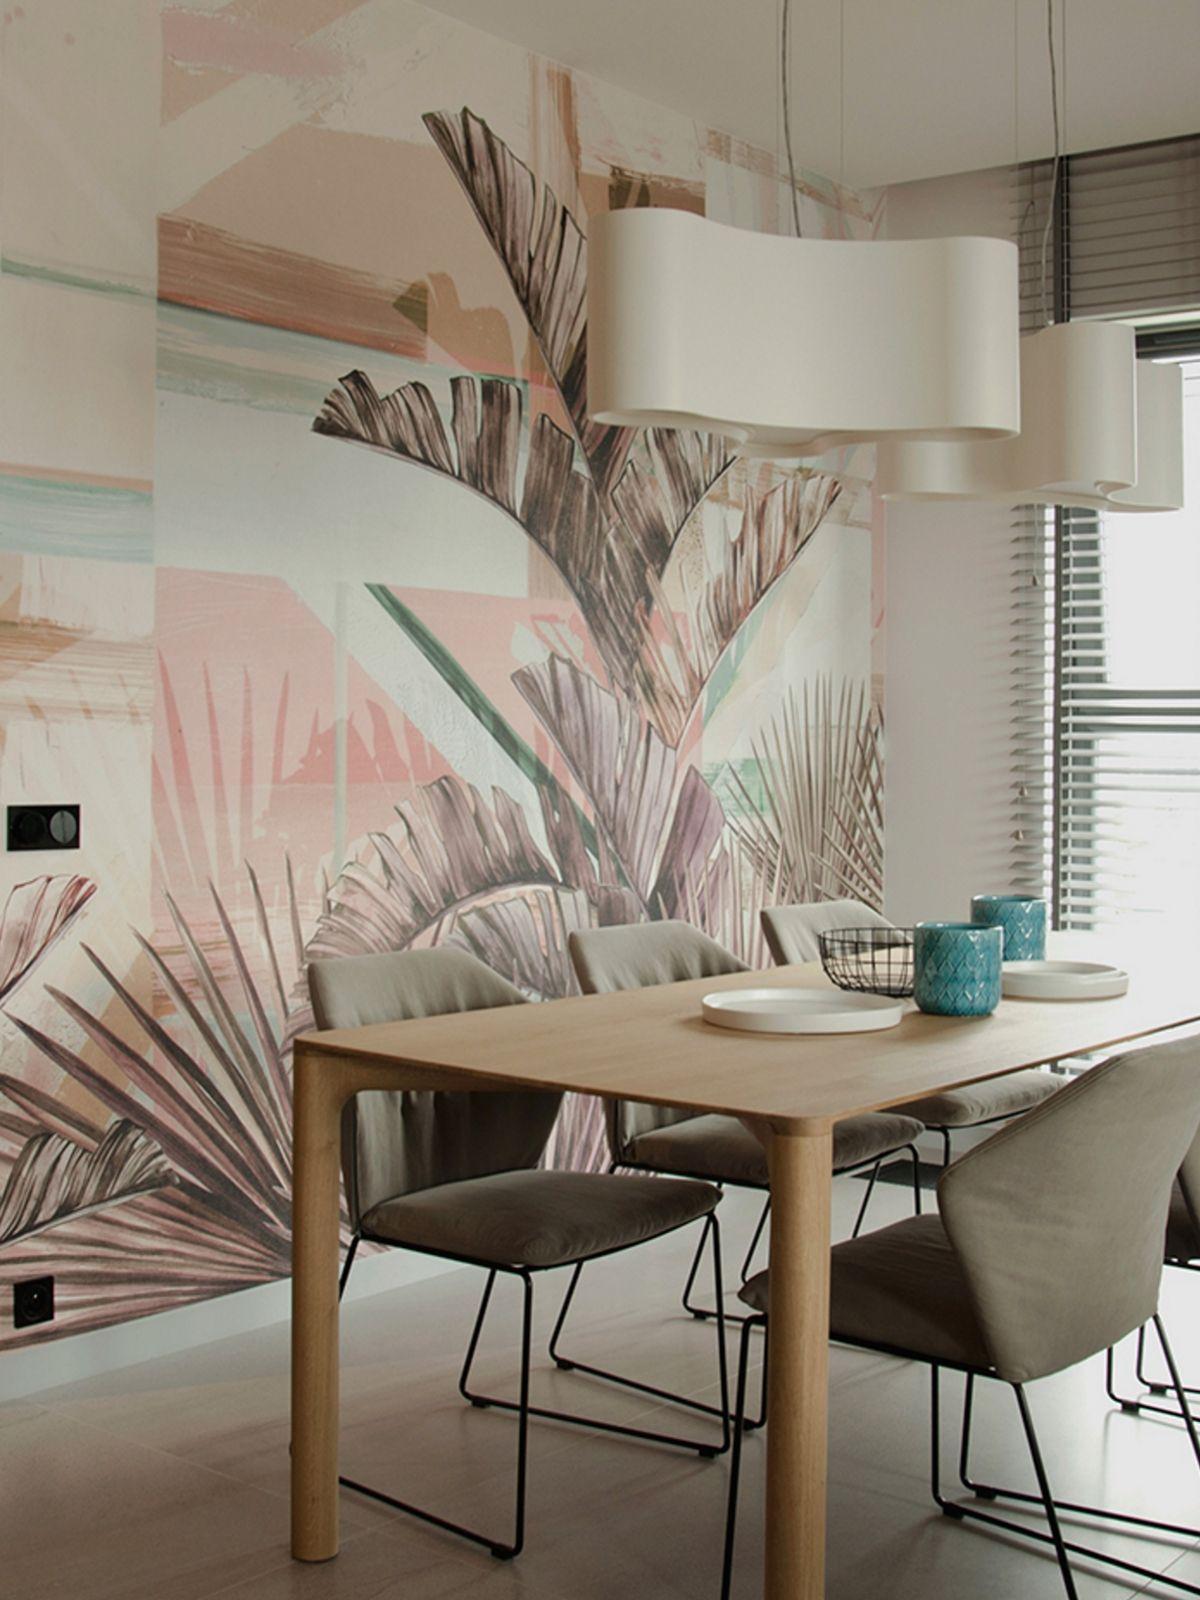 Perfekt Wohnung In Pastell / Stil Fabrik Blog Christoph Baum